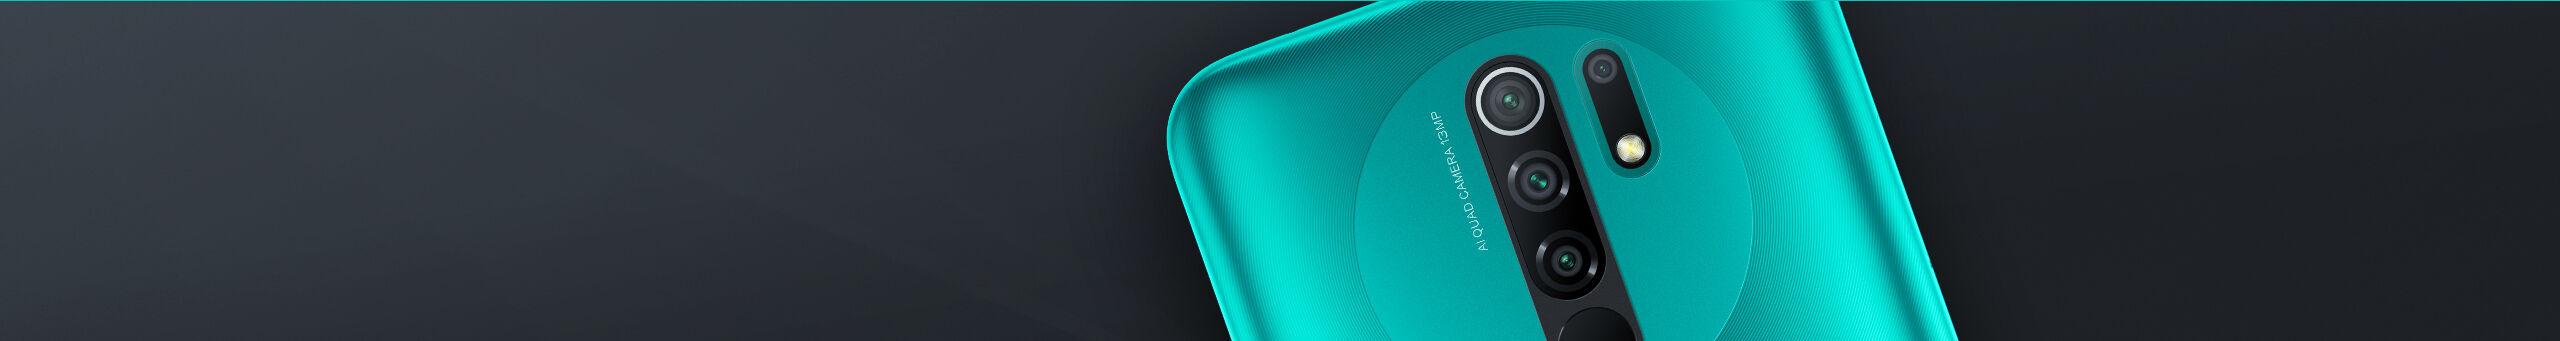 xiaomi-redmi-9-4-64-okostelefon-t30